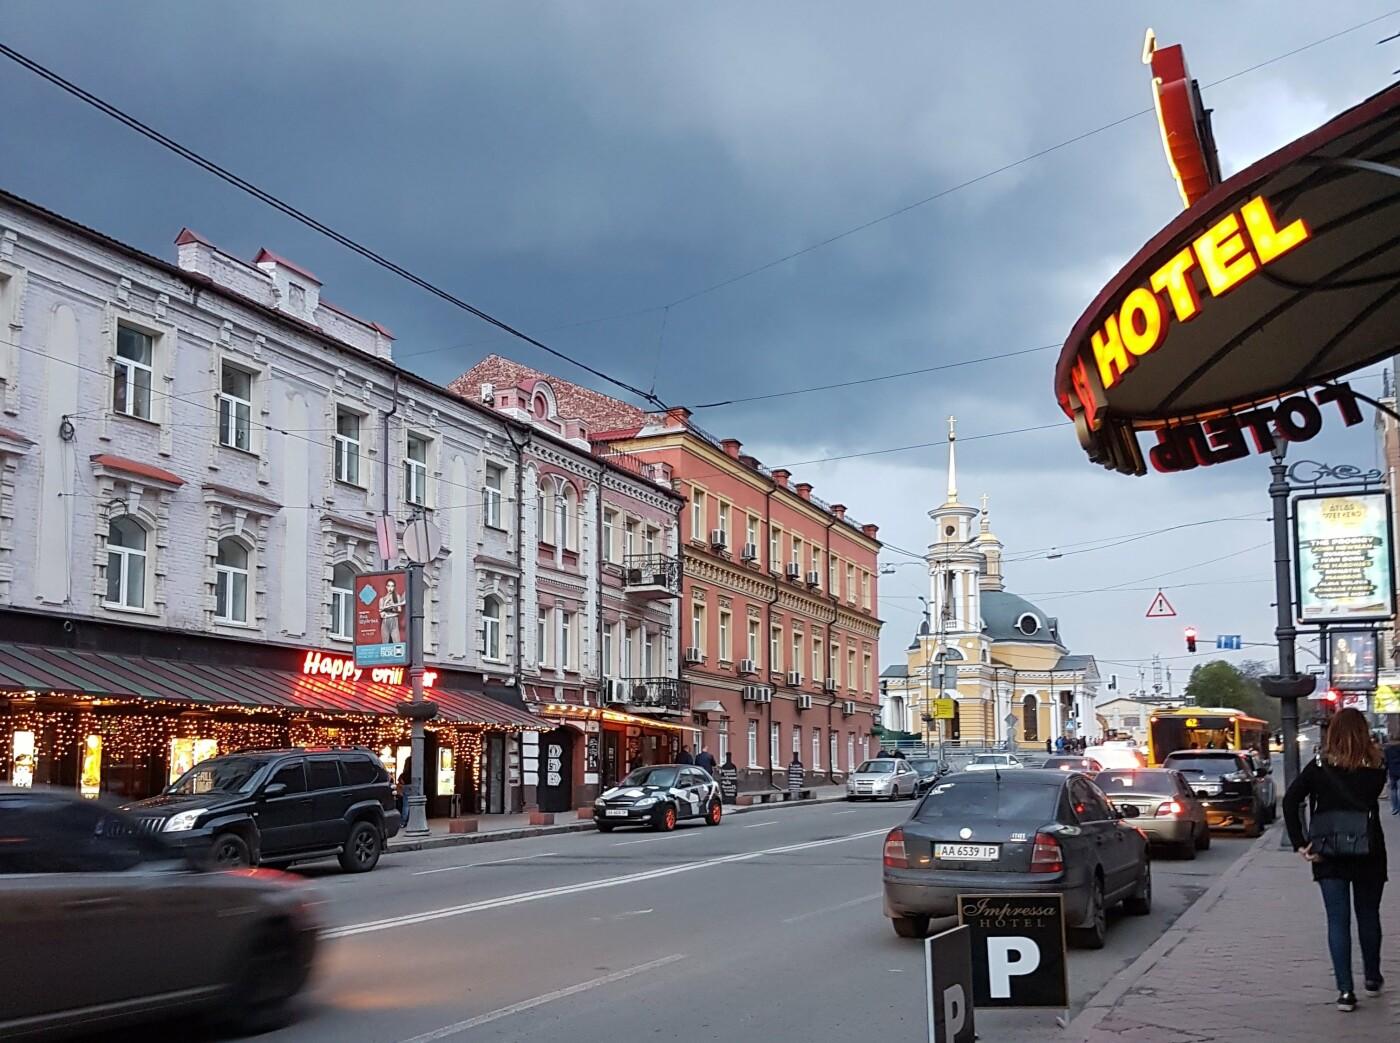 Улица с одним деревом в Киеве: как строилась и развивалась ул. Сагайдачного, - ФОТО, Фото: Vika Vlasenko